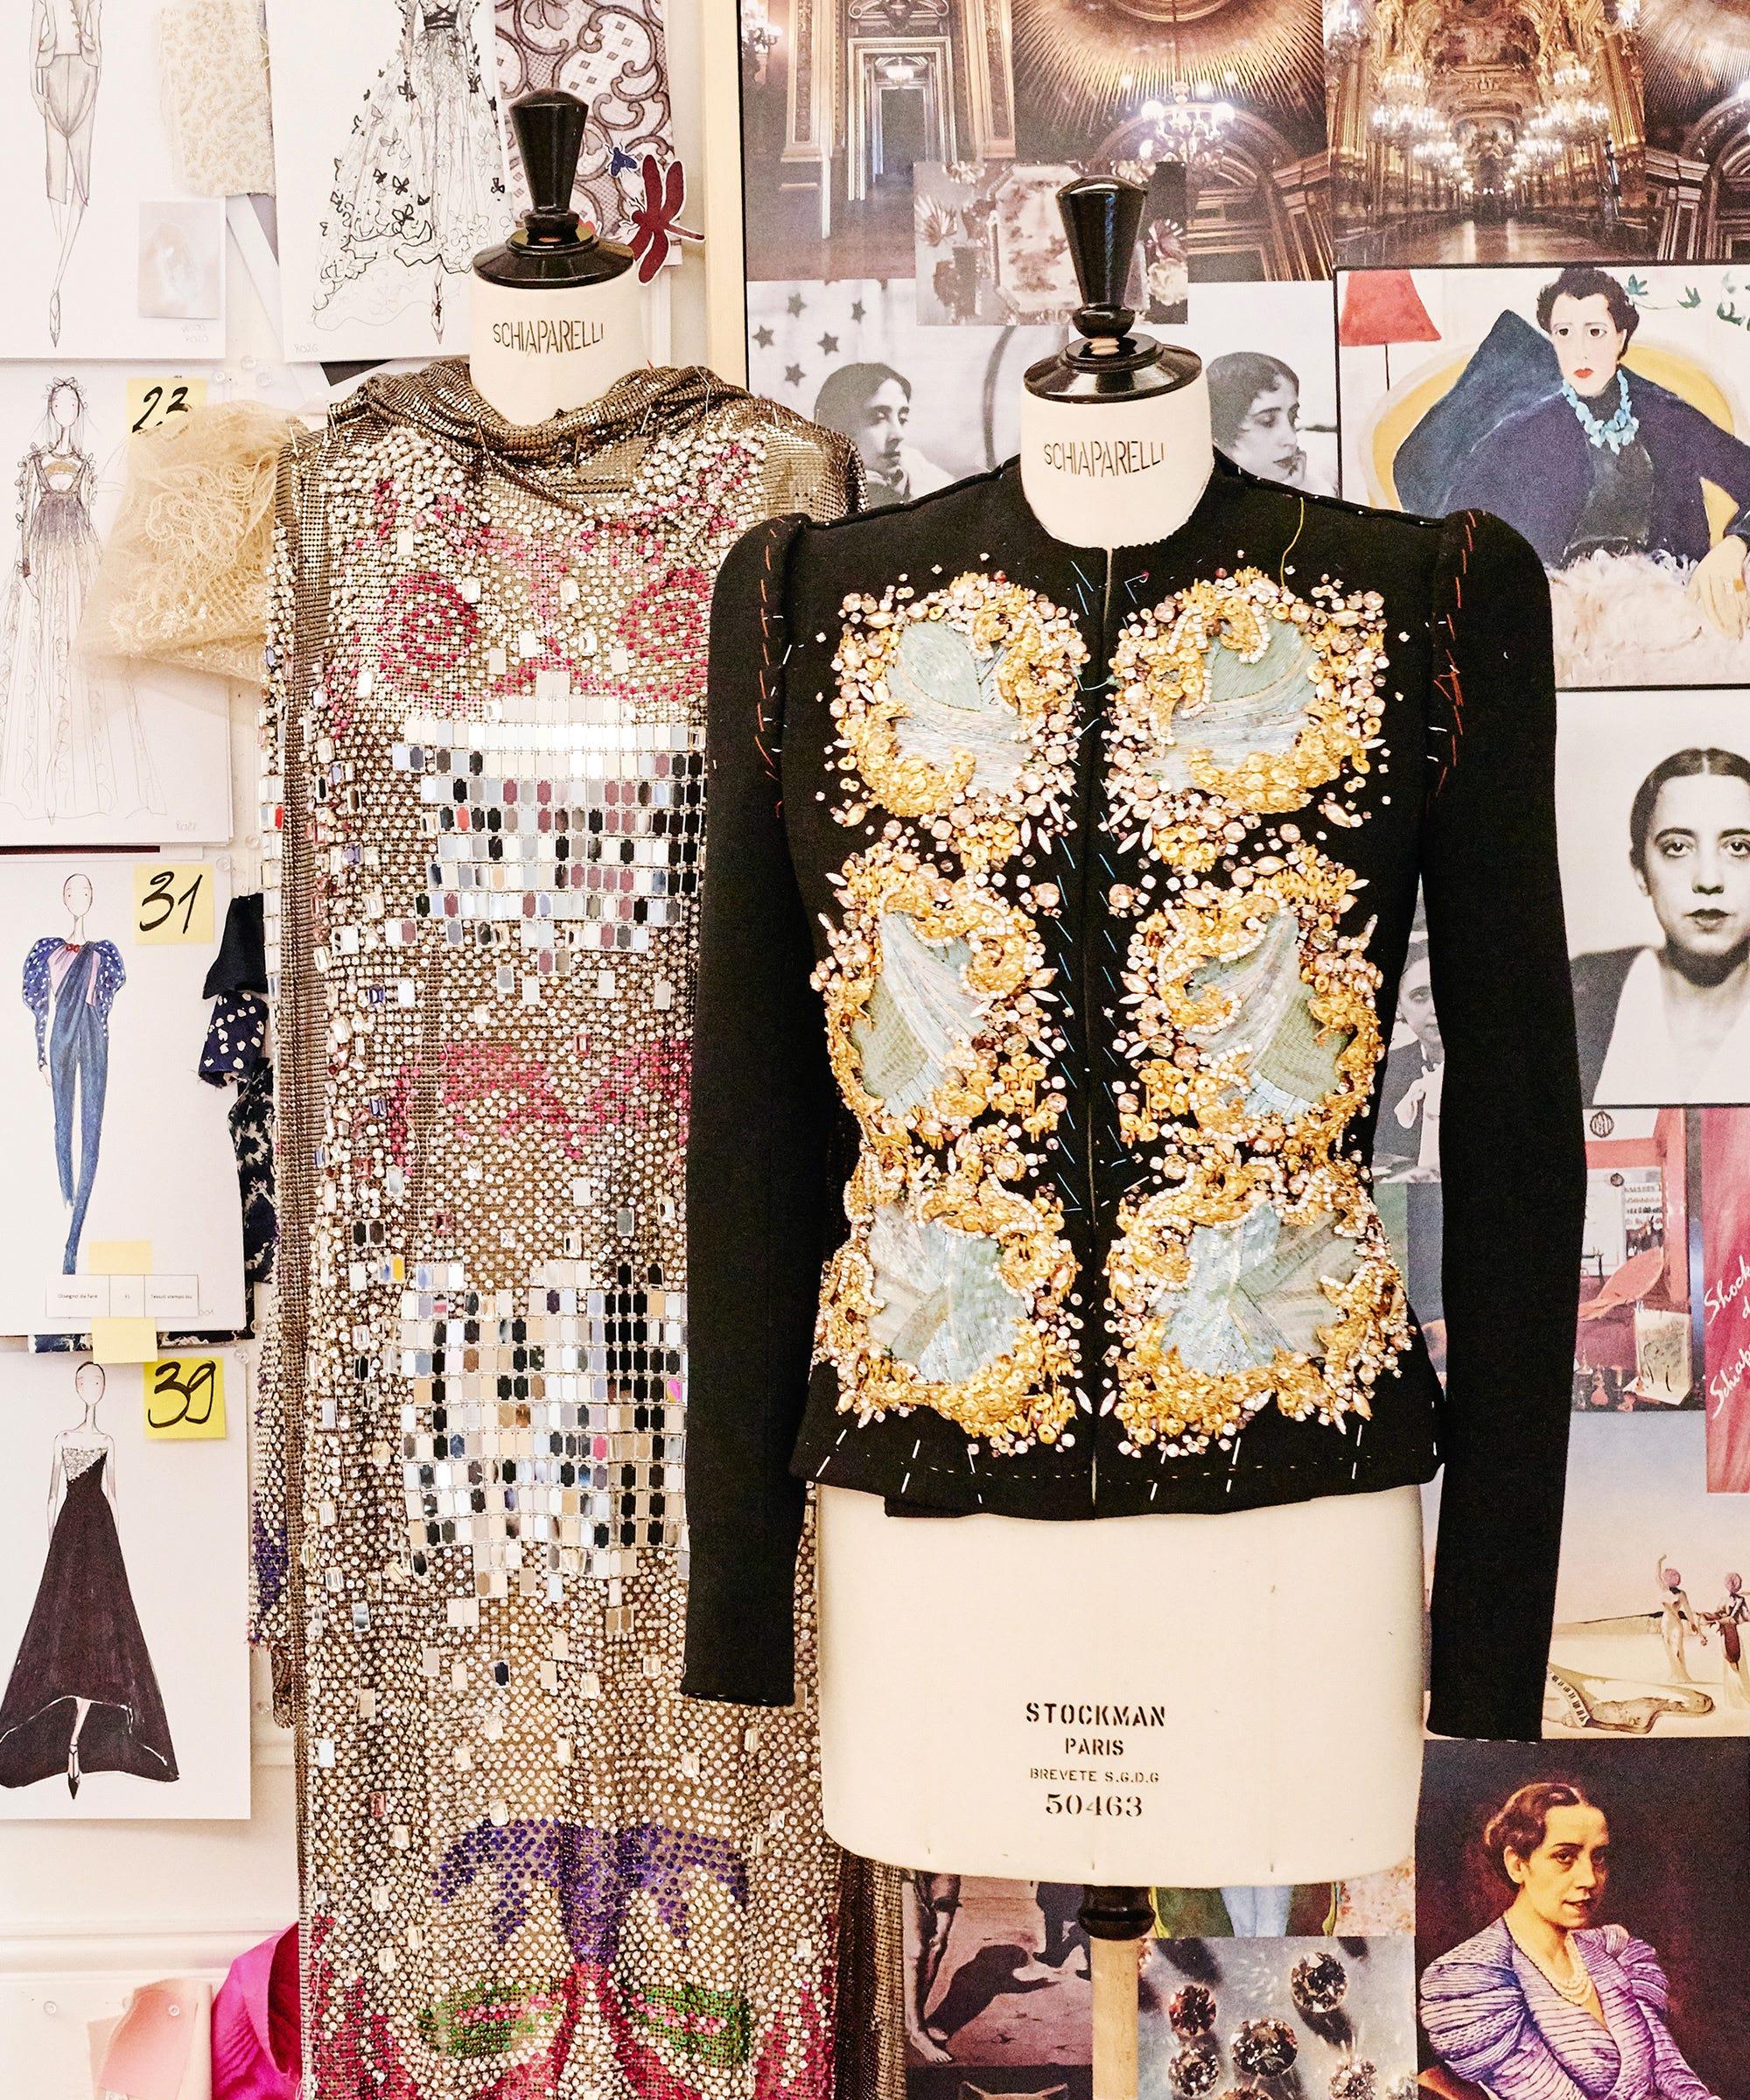 Zu Besuch bei Schiaparelli: Paris & der Zauber der Haute Couture